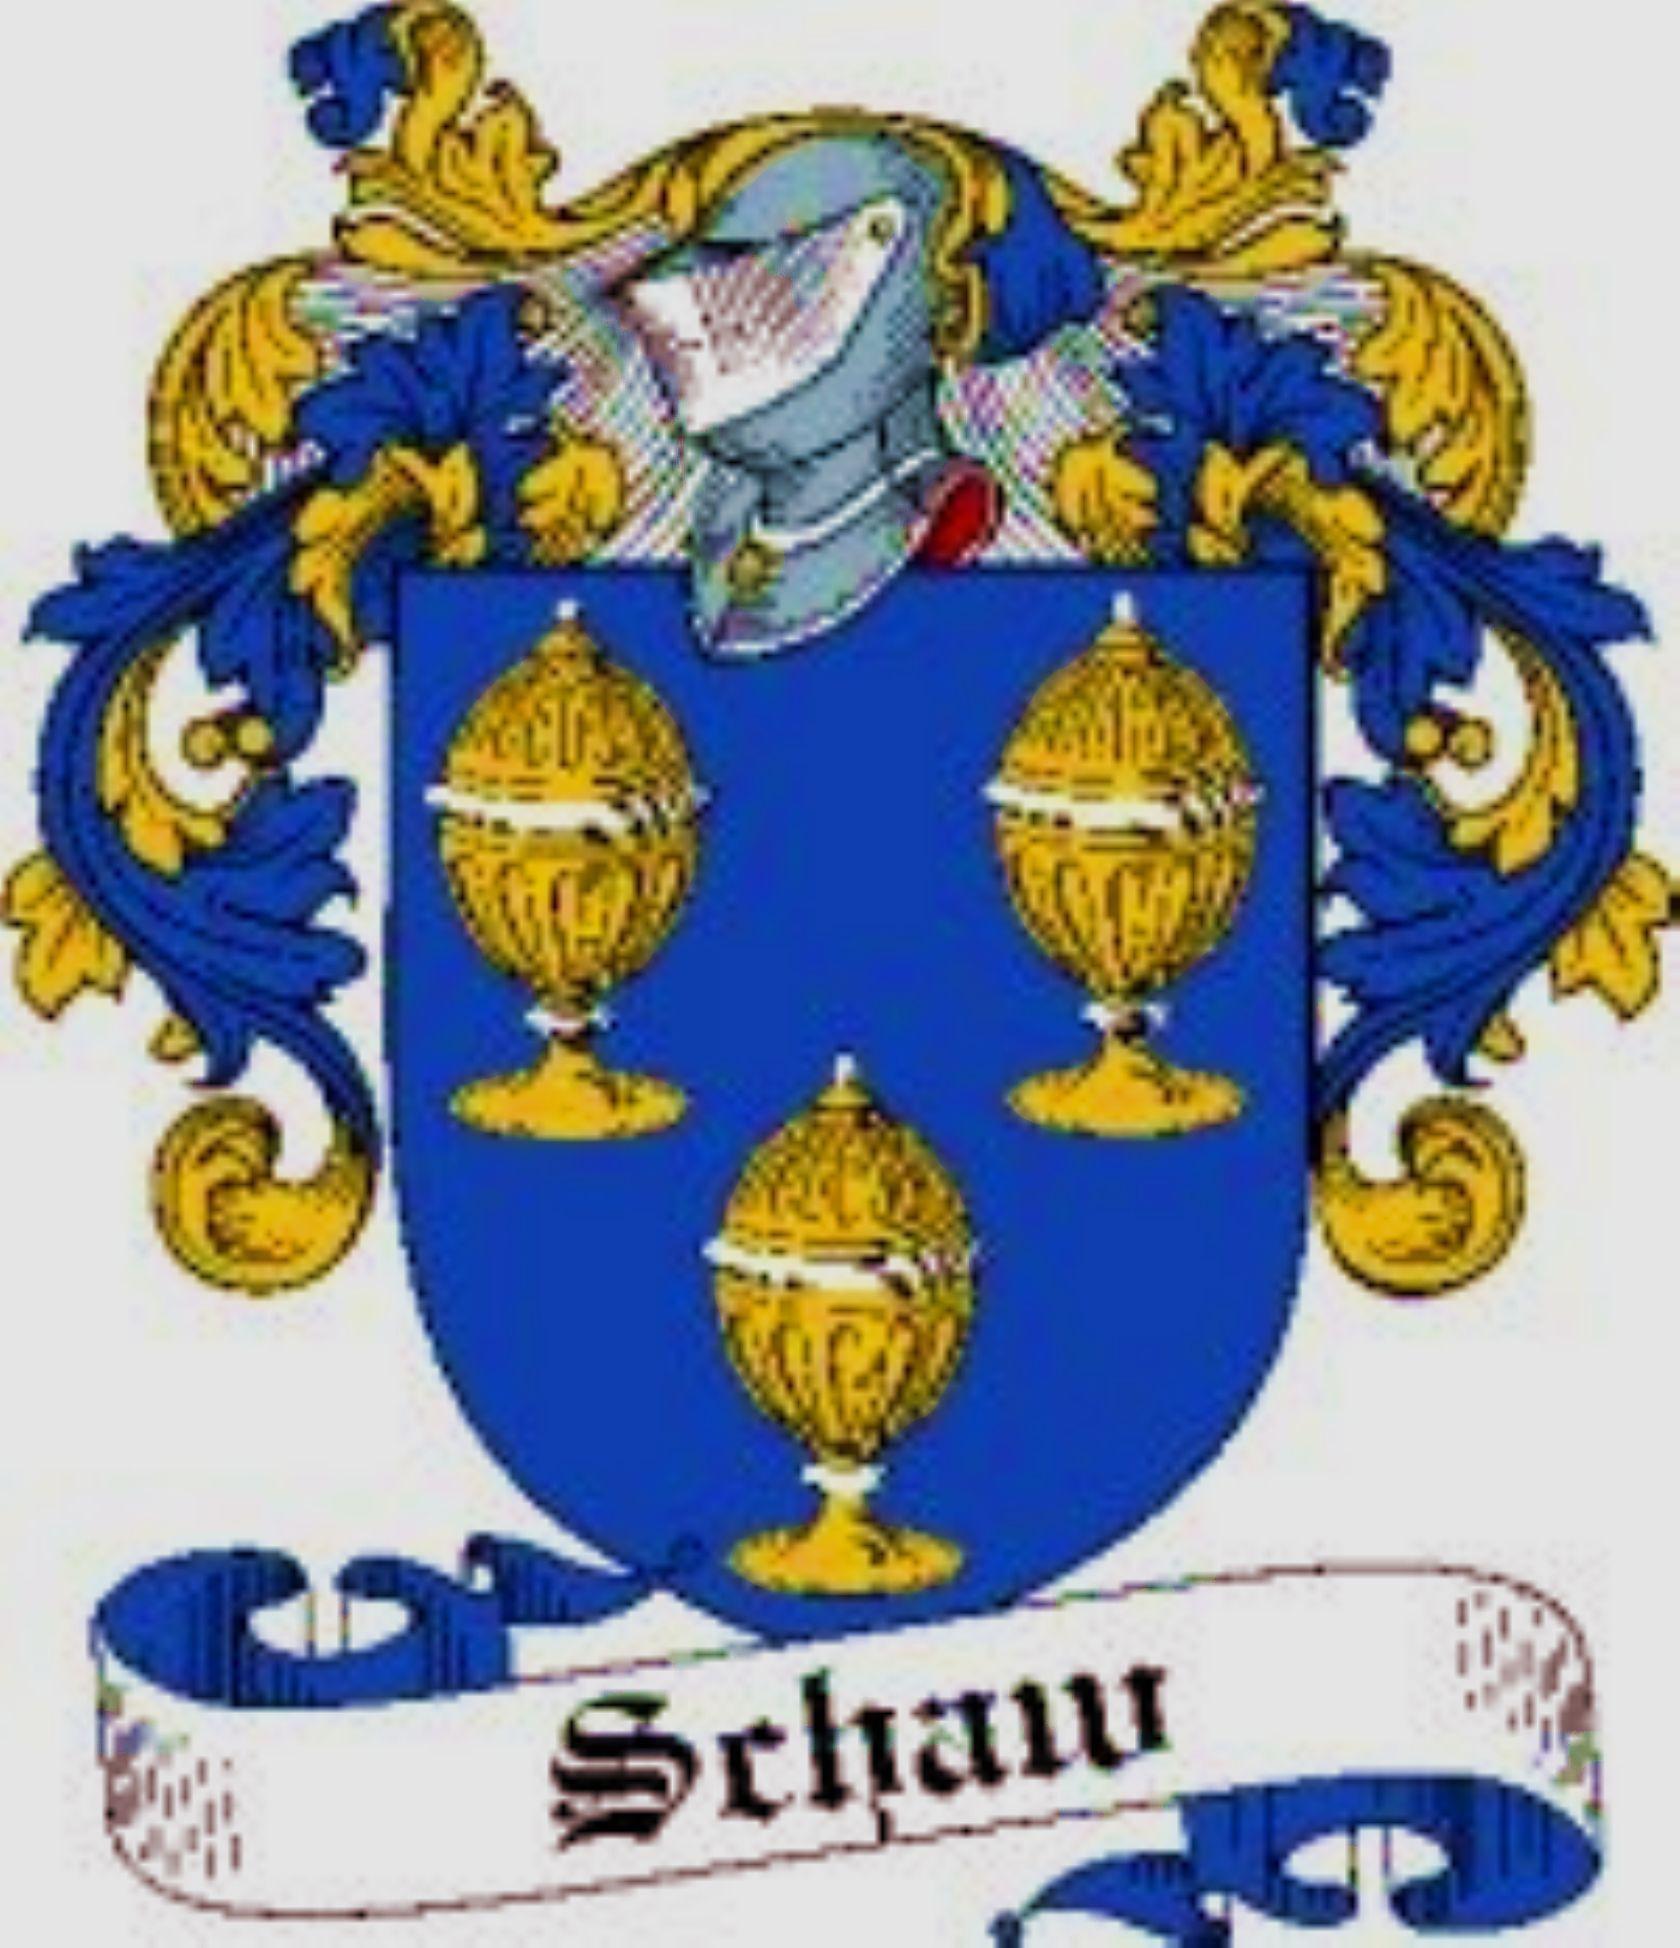 Schaw